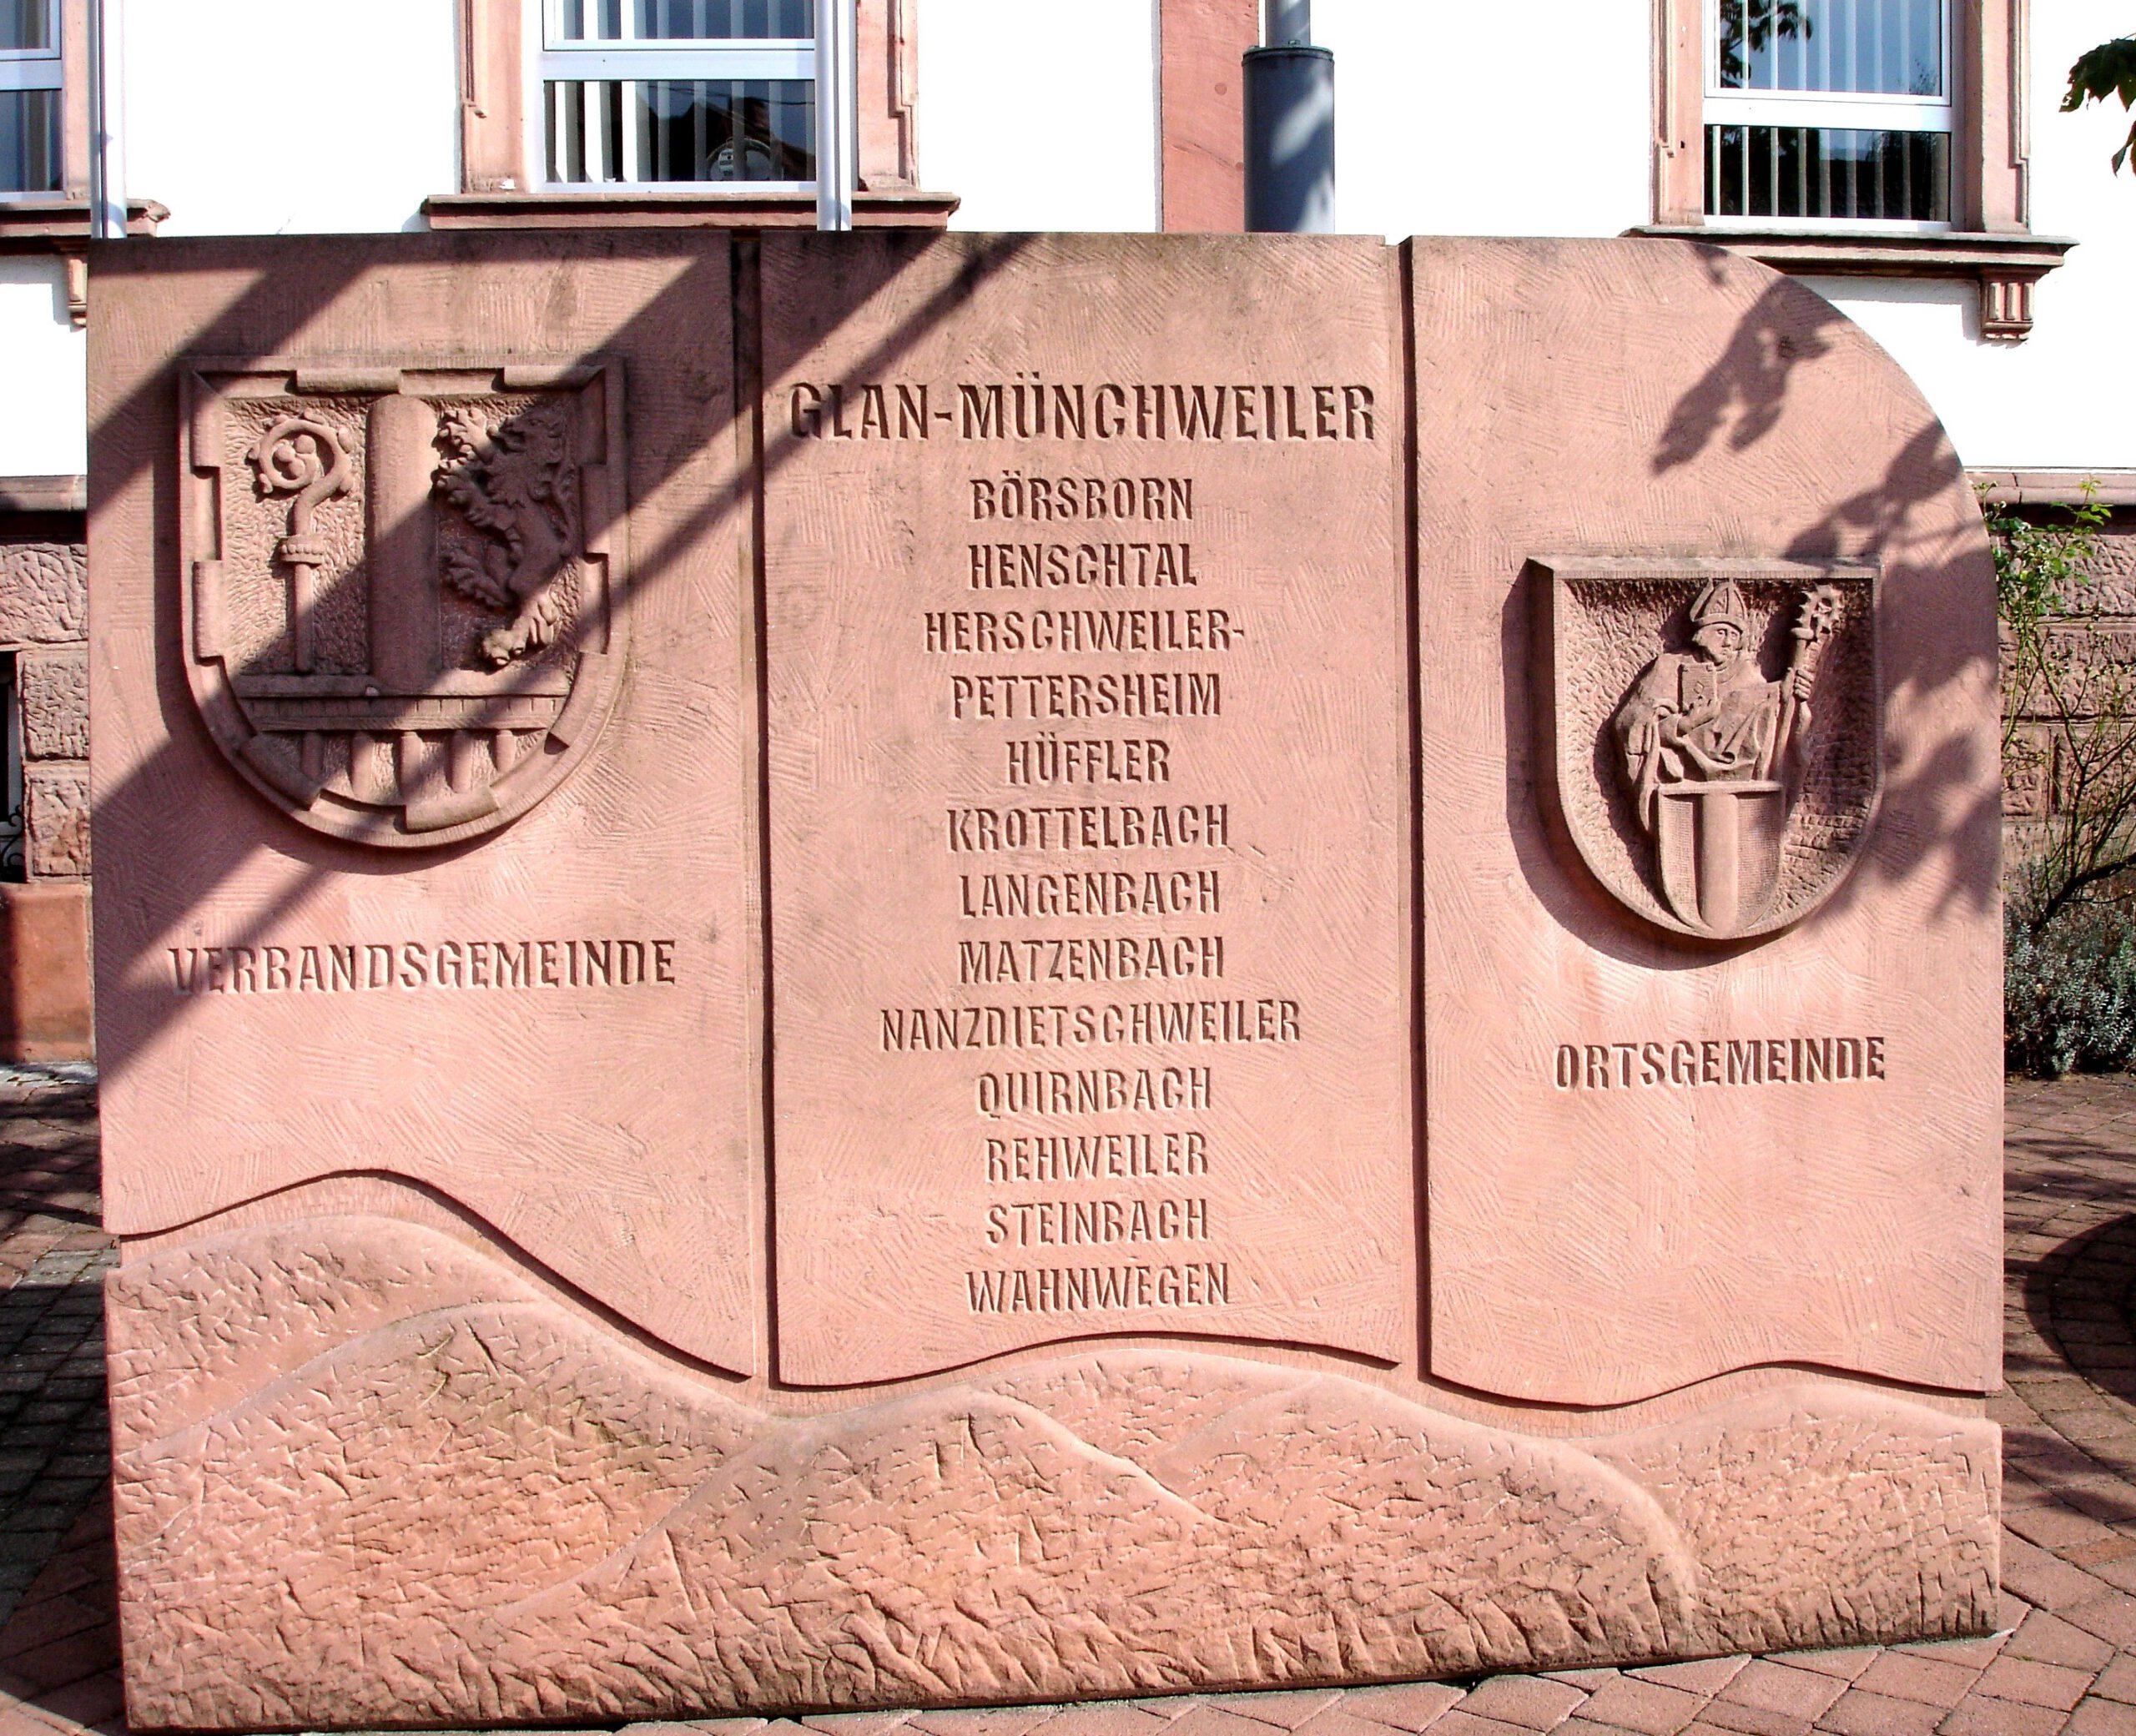 Wappen der alten VG Glan-Münchweiler